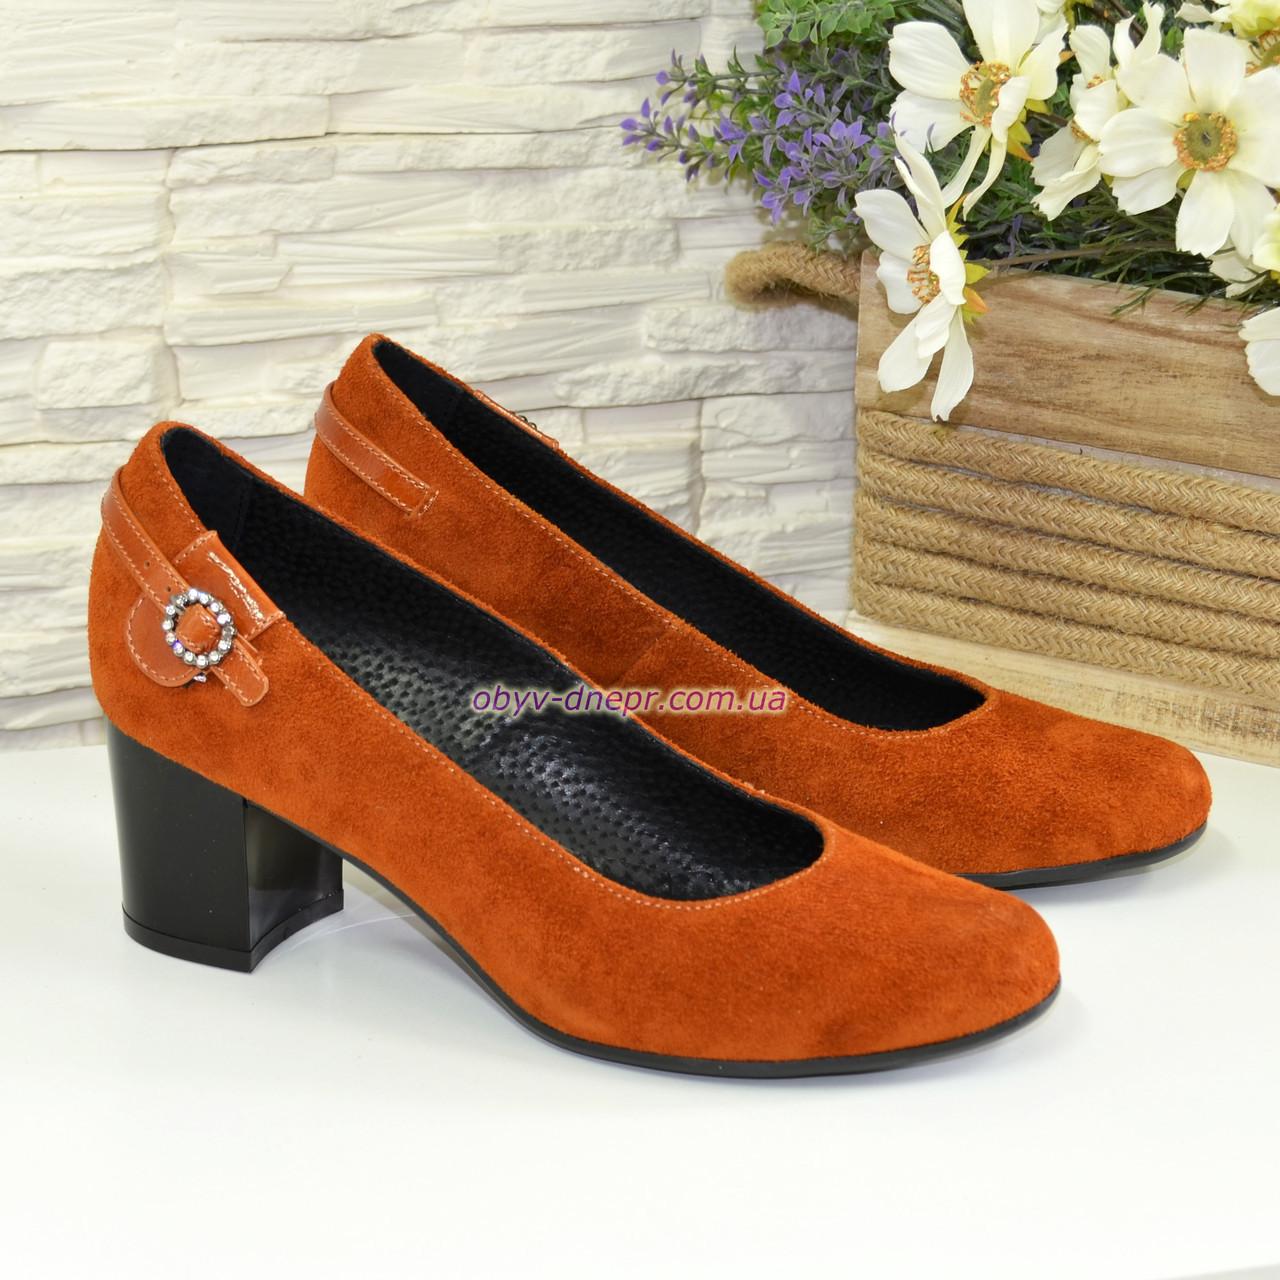 9b5b05c00 Женские замшевые туфли рыжего цвета на невысоком каблуке, декорированы  ремешком. 38 размер